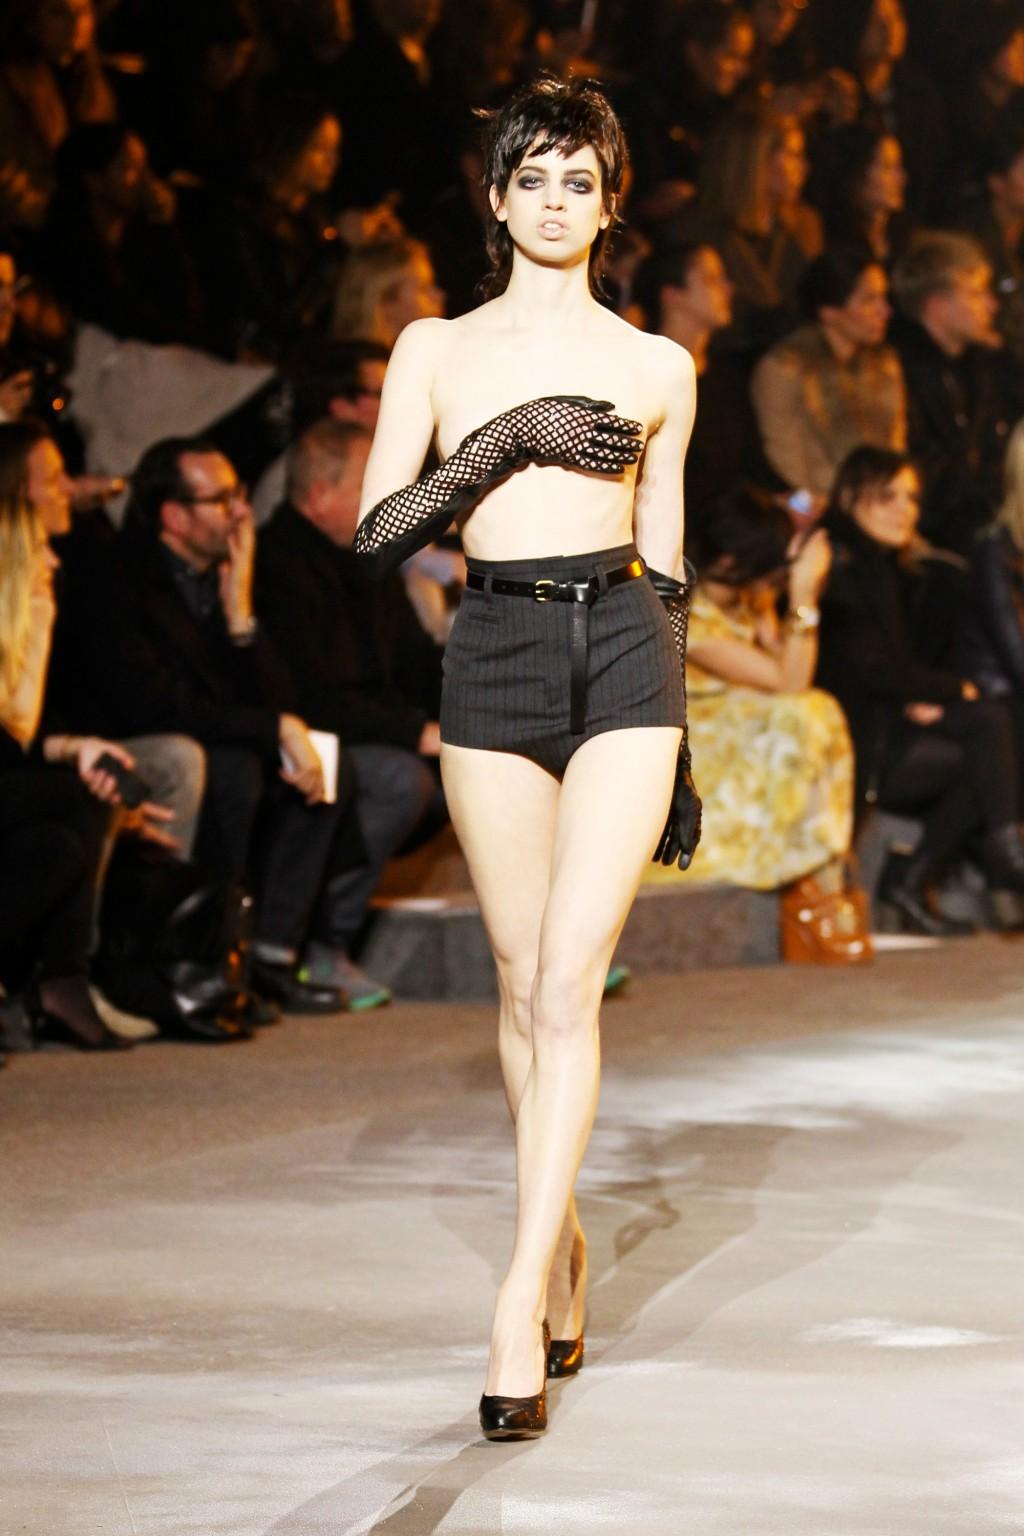 Lily McMenamy, Marc Jacobs  McMenamy,trunfo nessun disegno,Marc Jacobs i Balenciaga 161720752 10